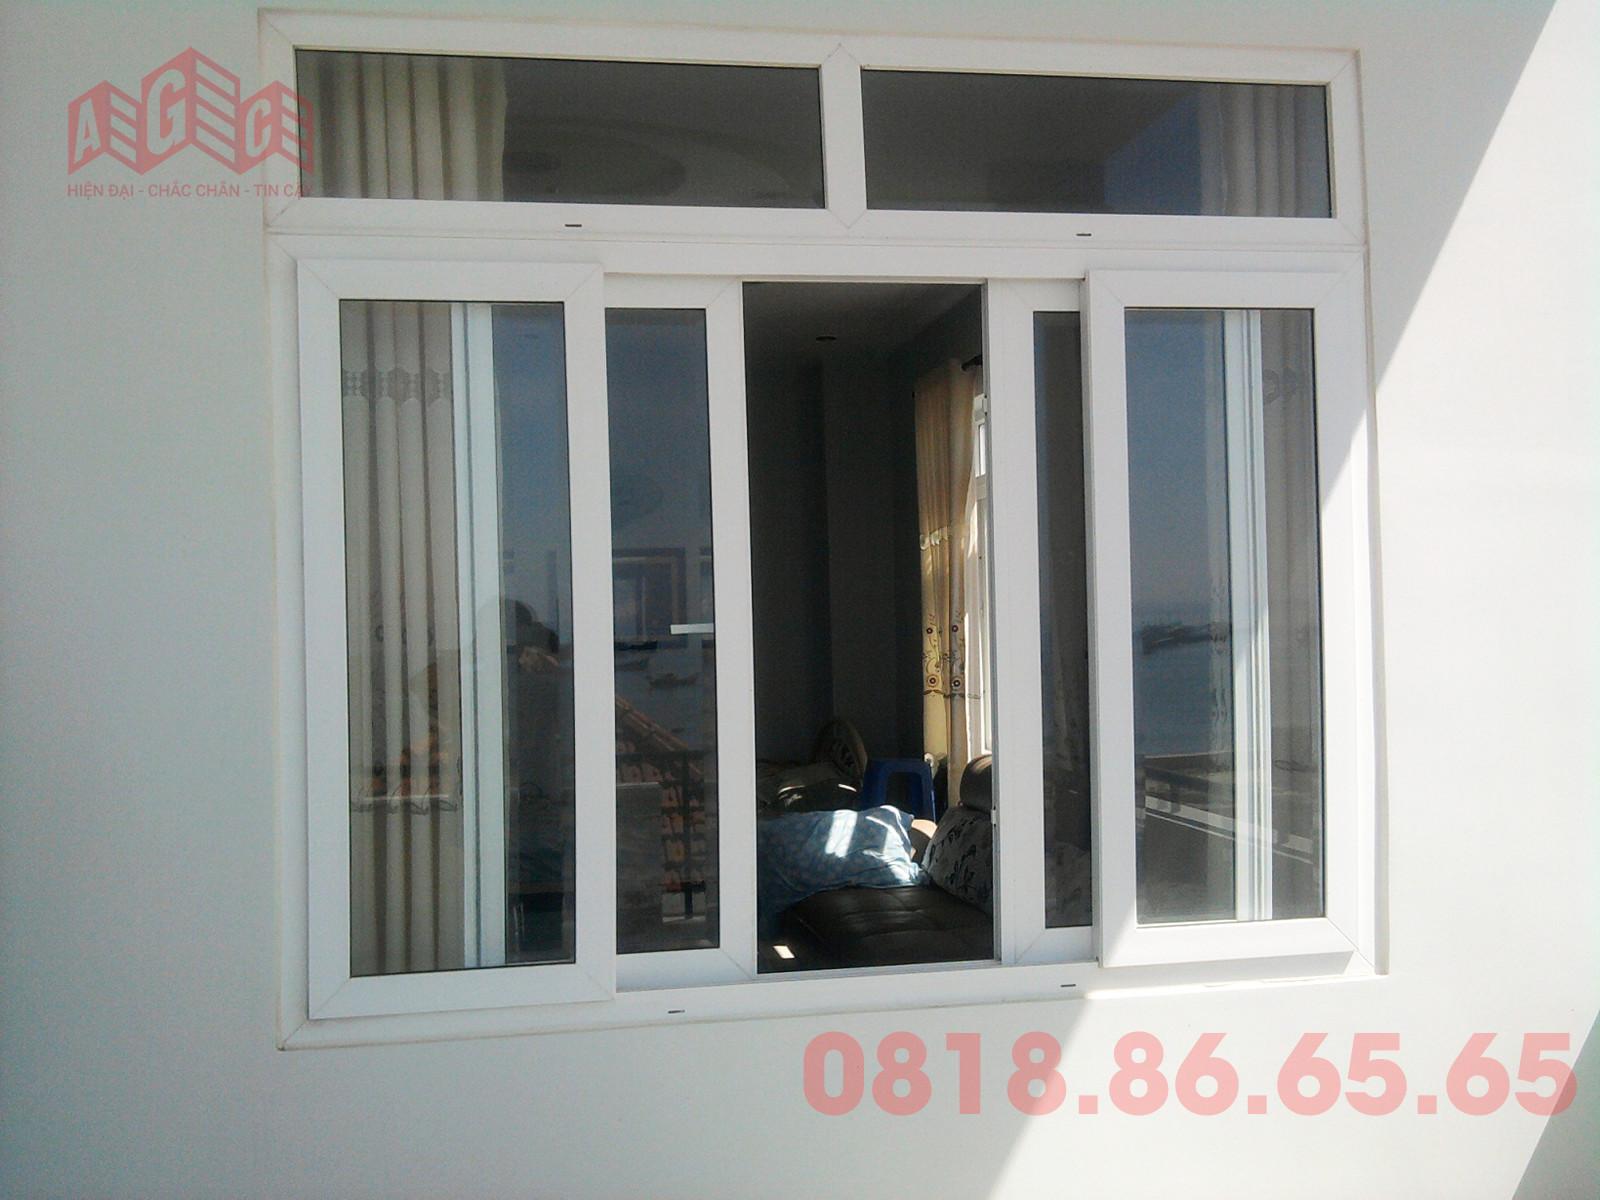 Đặc điểm nổi bật cửa sổ mở lùa Xingfa